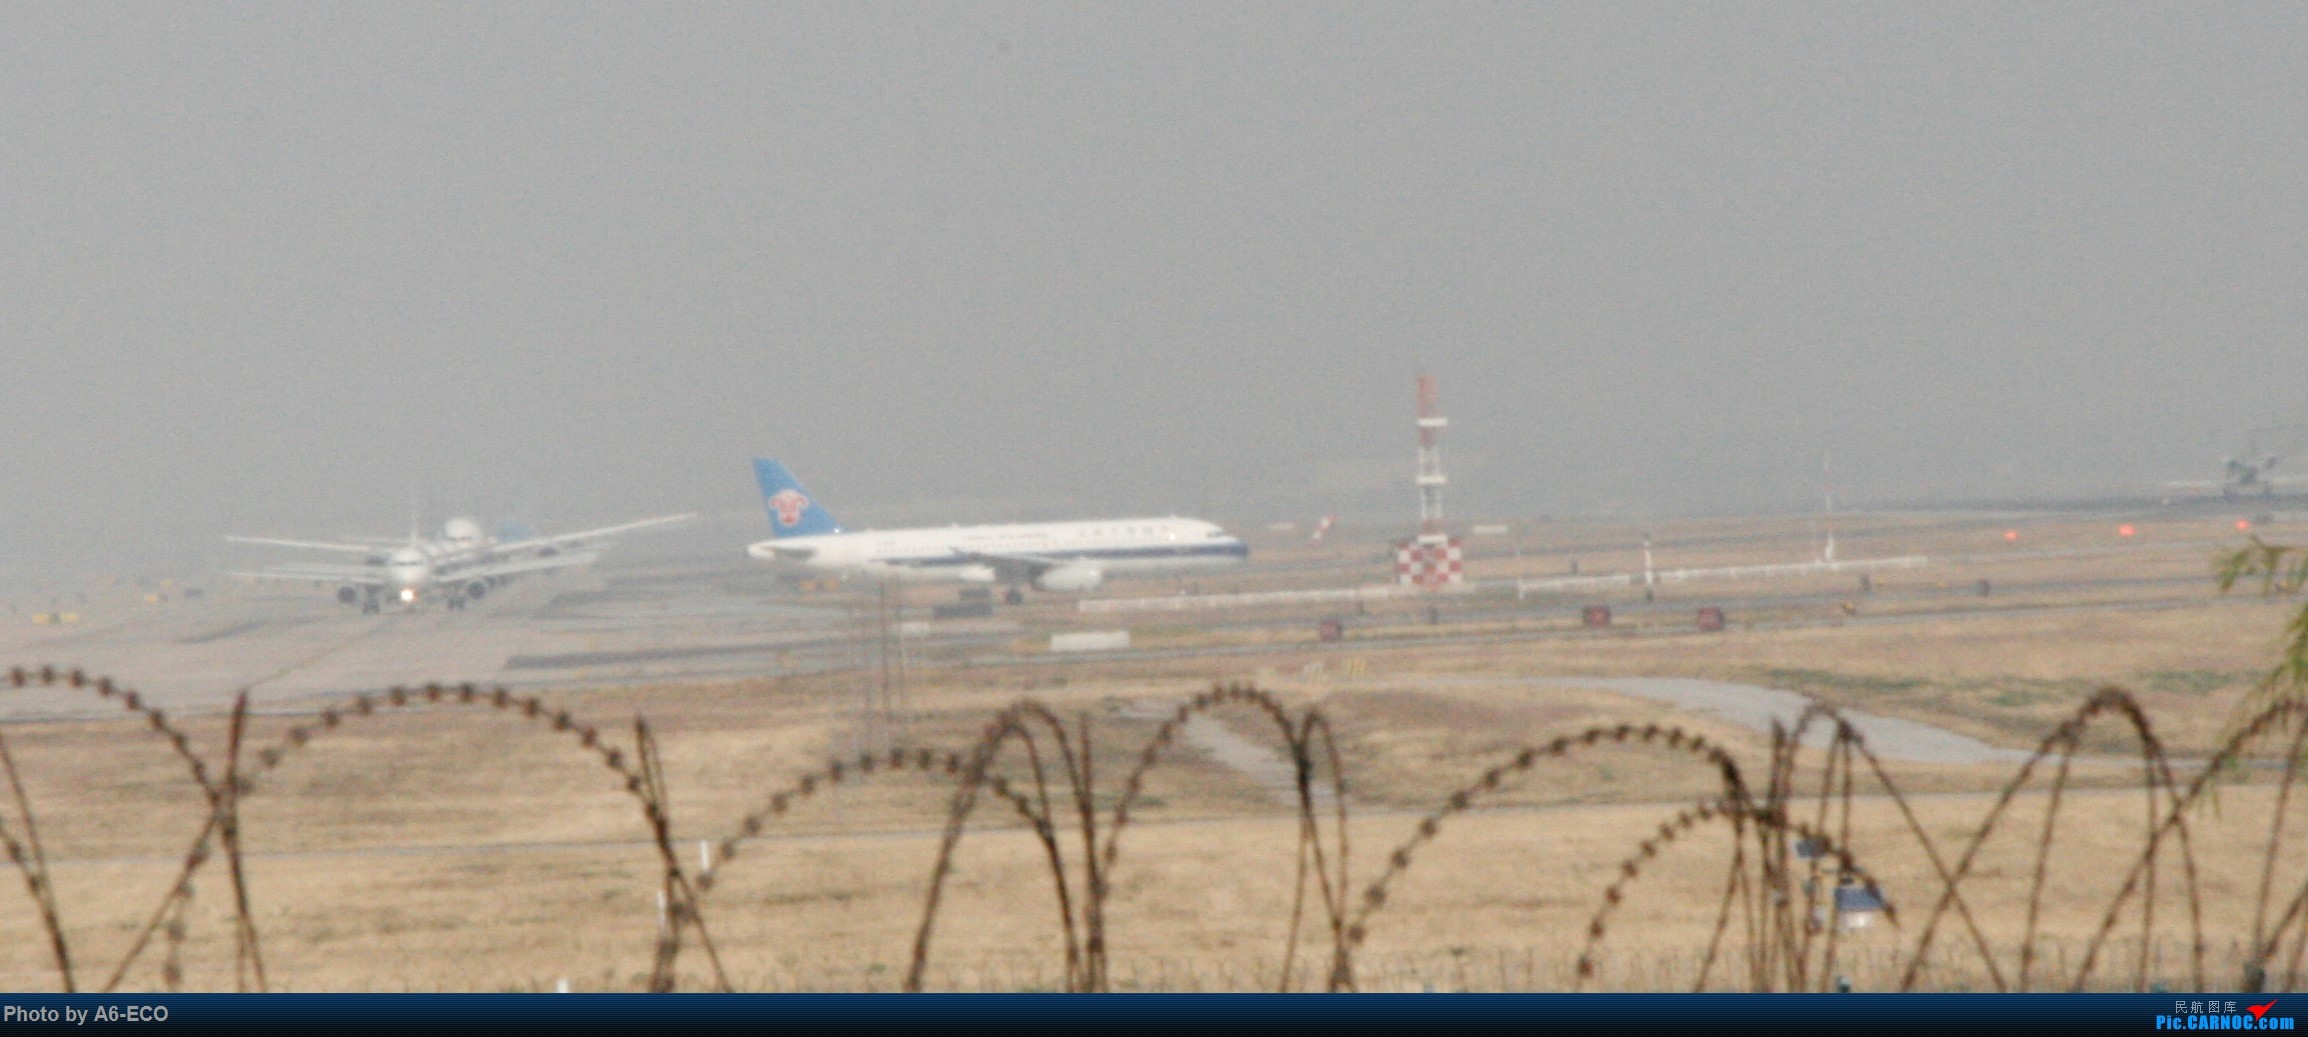 Re:[原创]【Siriの拍机】再次出现PEK AIRBUS A320-200 拍不到注册号怎么滴 中国北京首都国际机场